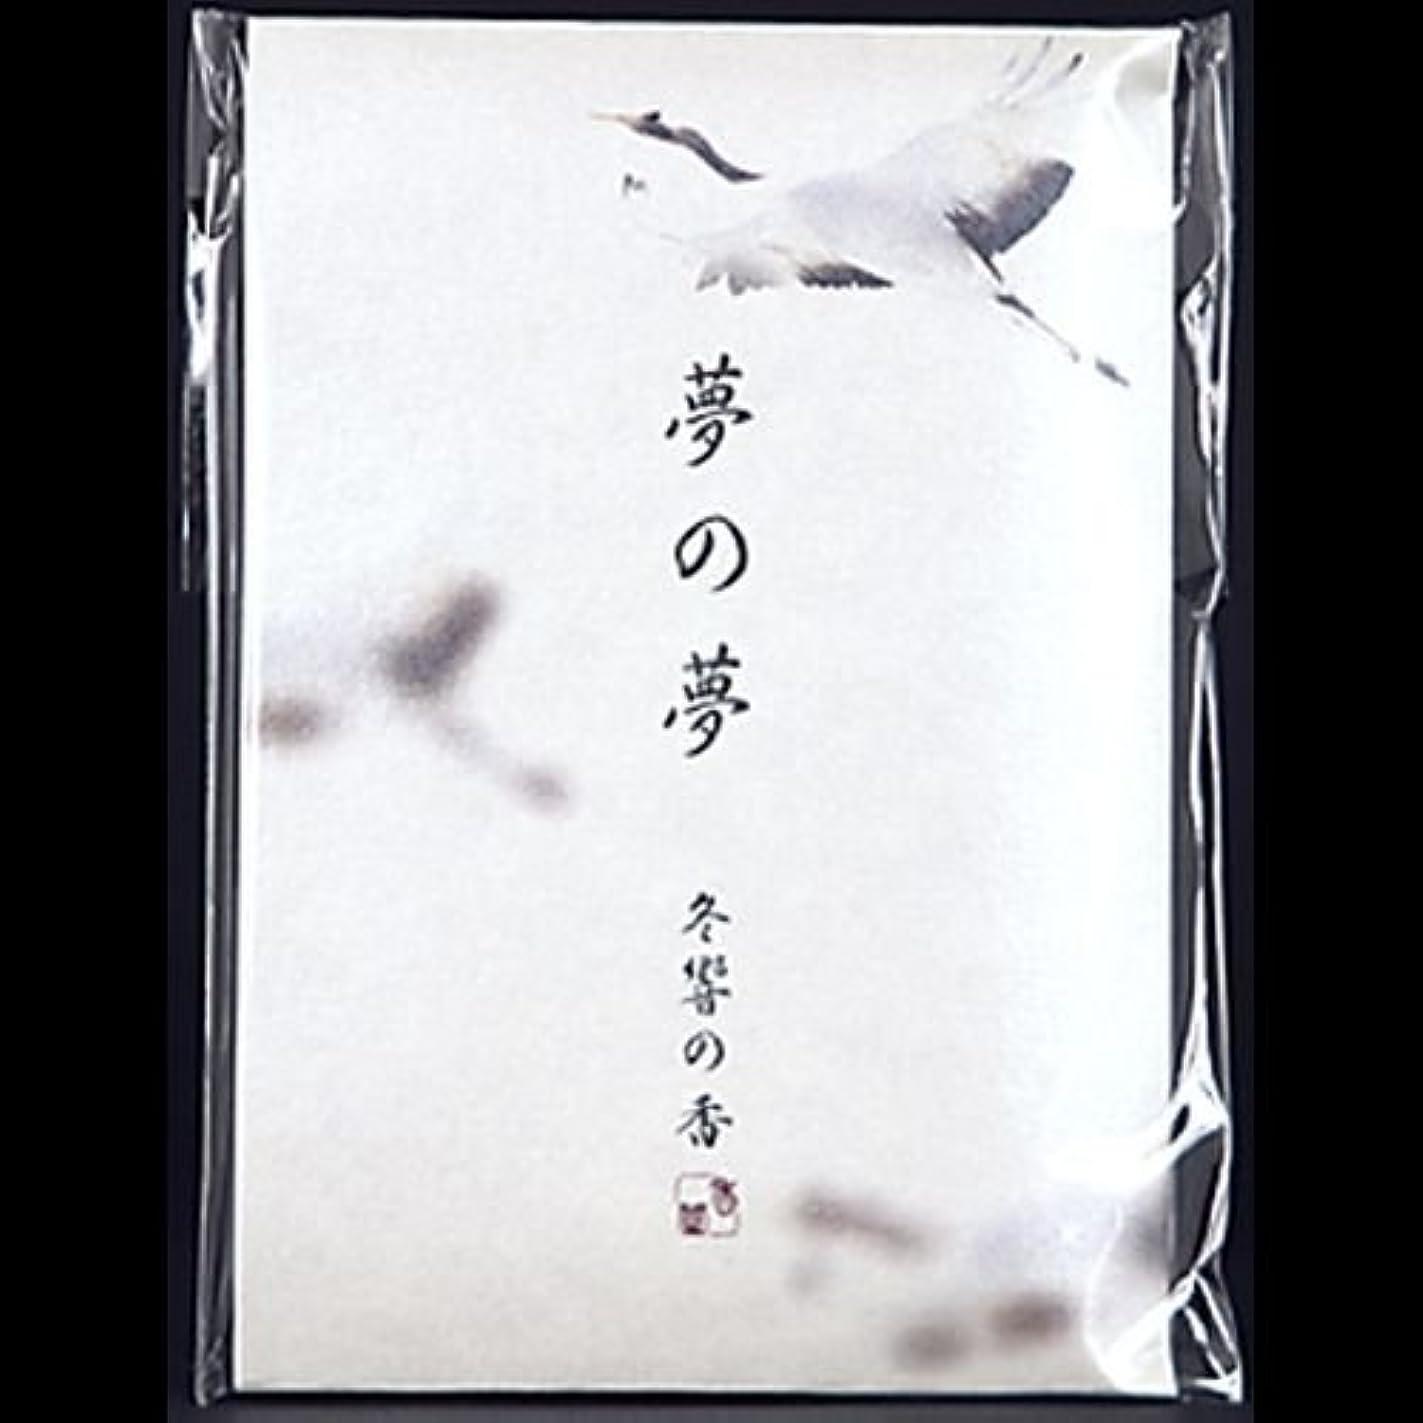 【まとめ買い】夢の夢 冬響の香 (鶴) スティック12本入 ×2セット